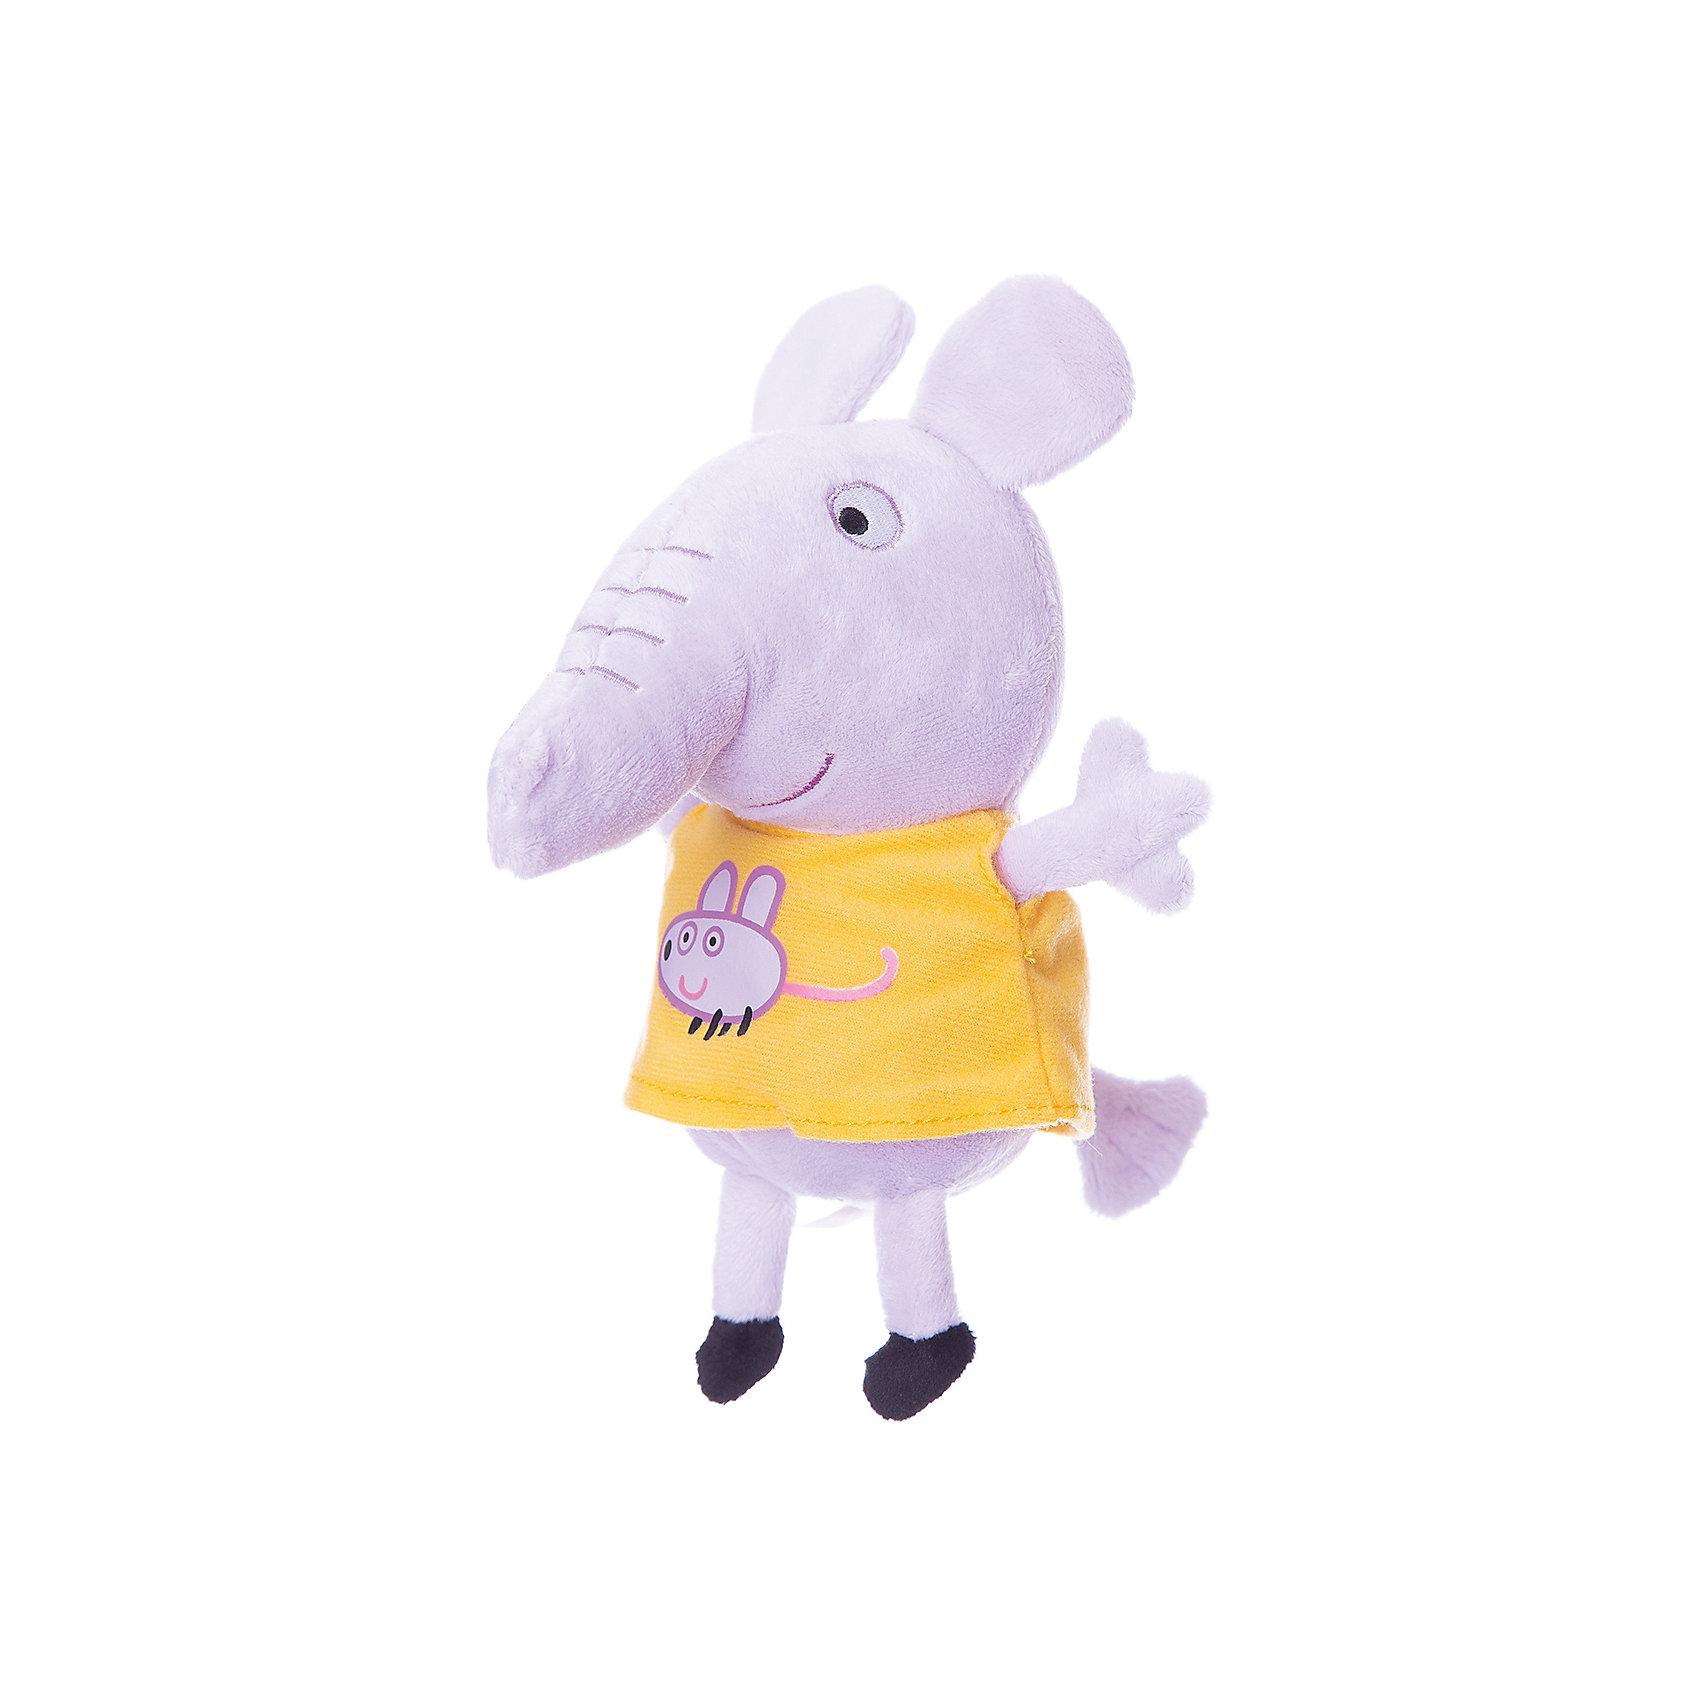 Мягкая игрушка Эмили с мышкой, 20см, Свинка ПеппаЛюбимые герои<br>Эмили с мышкой, Свинка Пеппа - чудесная мягкая игрушка, которая обязательно порадует Вашего малыша. Слоненок Эмили - очаровательная подружка свинки Пеппы из популярного детского мультсериала Peppa Pig, игрушка выполнена из мягкой и нежной велюровой ткани и очень похожа на свой оригинал из мультика. Глазки, носик и ротик Эмили выполнены в виде плотной вышивки, а ее желтое платьице украшено яркой аппликацией в виде мышки. Собрав вместе других персонажей из серии Peppa Pig можно придумать множество веселых игр, которые будут развивать воображение и навыки общения.<br><br>Дополнительная информация:<br><br>- Материал: велюр, гипоалергенный наполнитель.<br>- Высота игрушки: 20 см.<br>- Размер упаковки: 9 x 8 x 20 см. <br>- Вес: 60 гр.<br><br>Мягкую игрушку Эмили с мышкой, 20 см., Свинка Пеппа, можно купить в нашем интернет-магазине.<br><br>Ширина мм: 90<br>Глубина мм: 80<br>Высота мм: 200<br>Вес г: 60<br>Возраст от месяцев: 36<br>Возраст до месяцев: 72<br>Пол: Унисекс<br>Возраст: Детский<br>SKU: 4330045